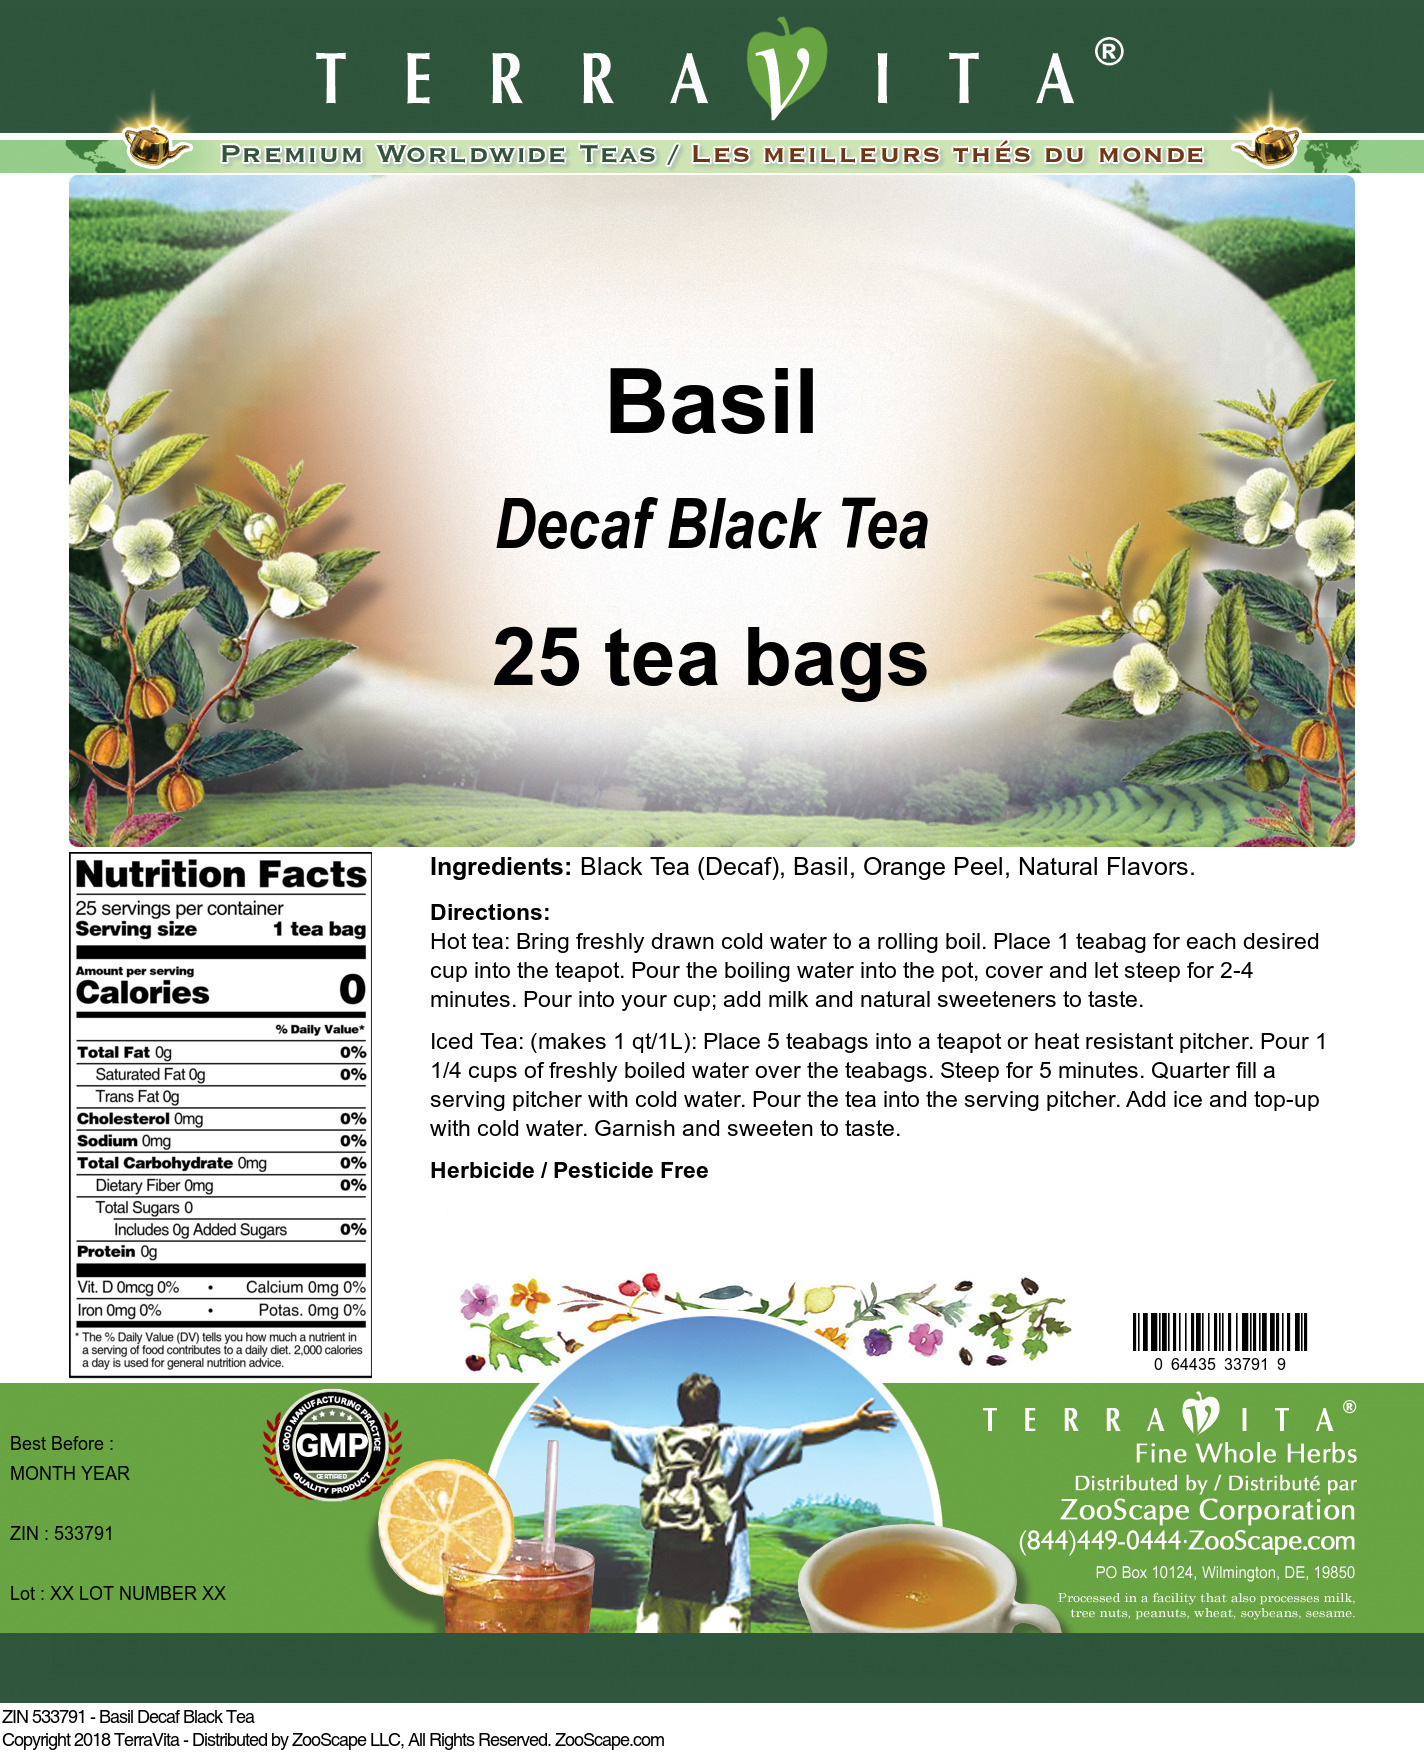 Basil Decaf Black Tea